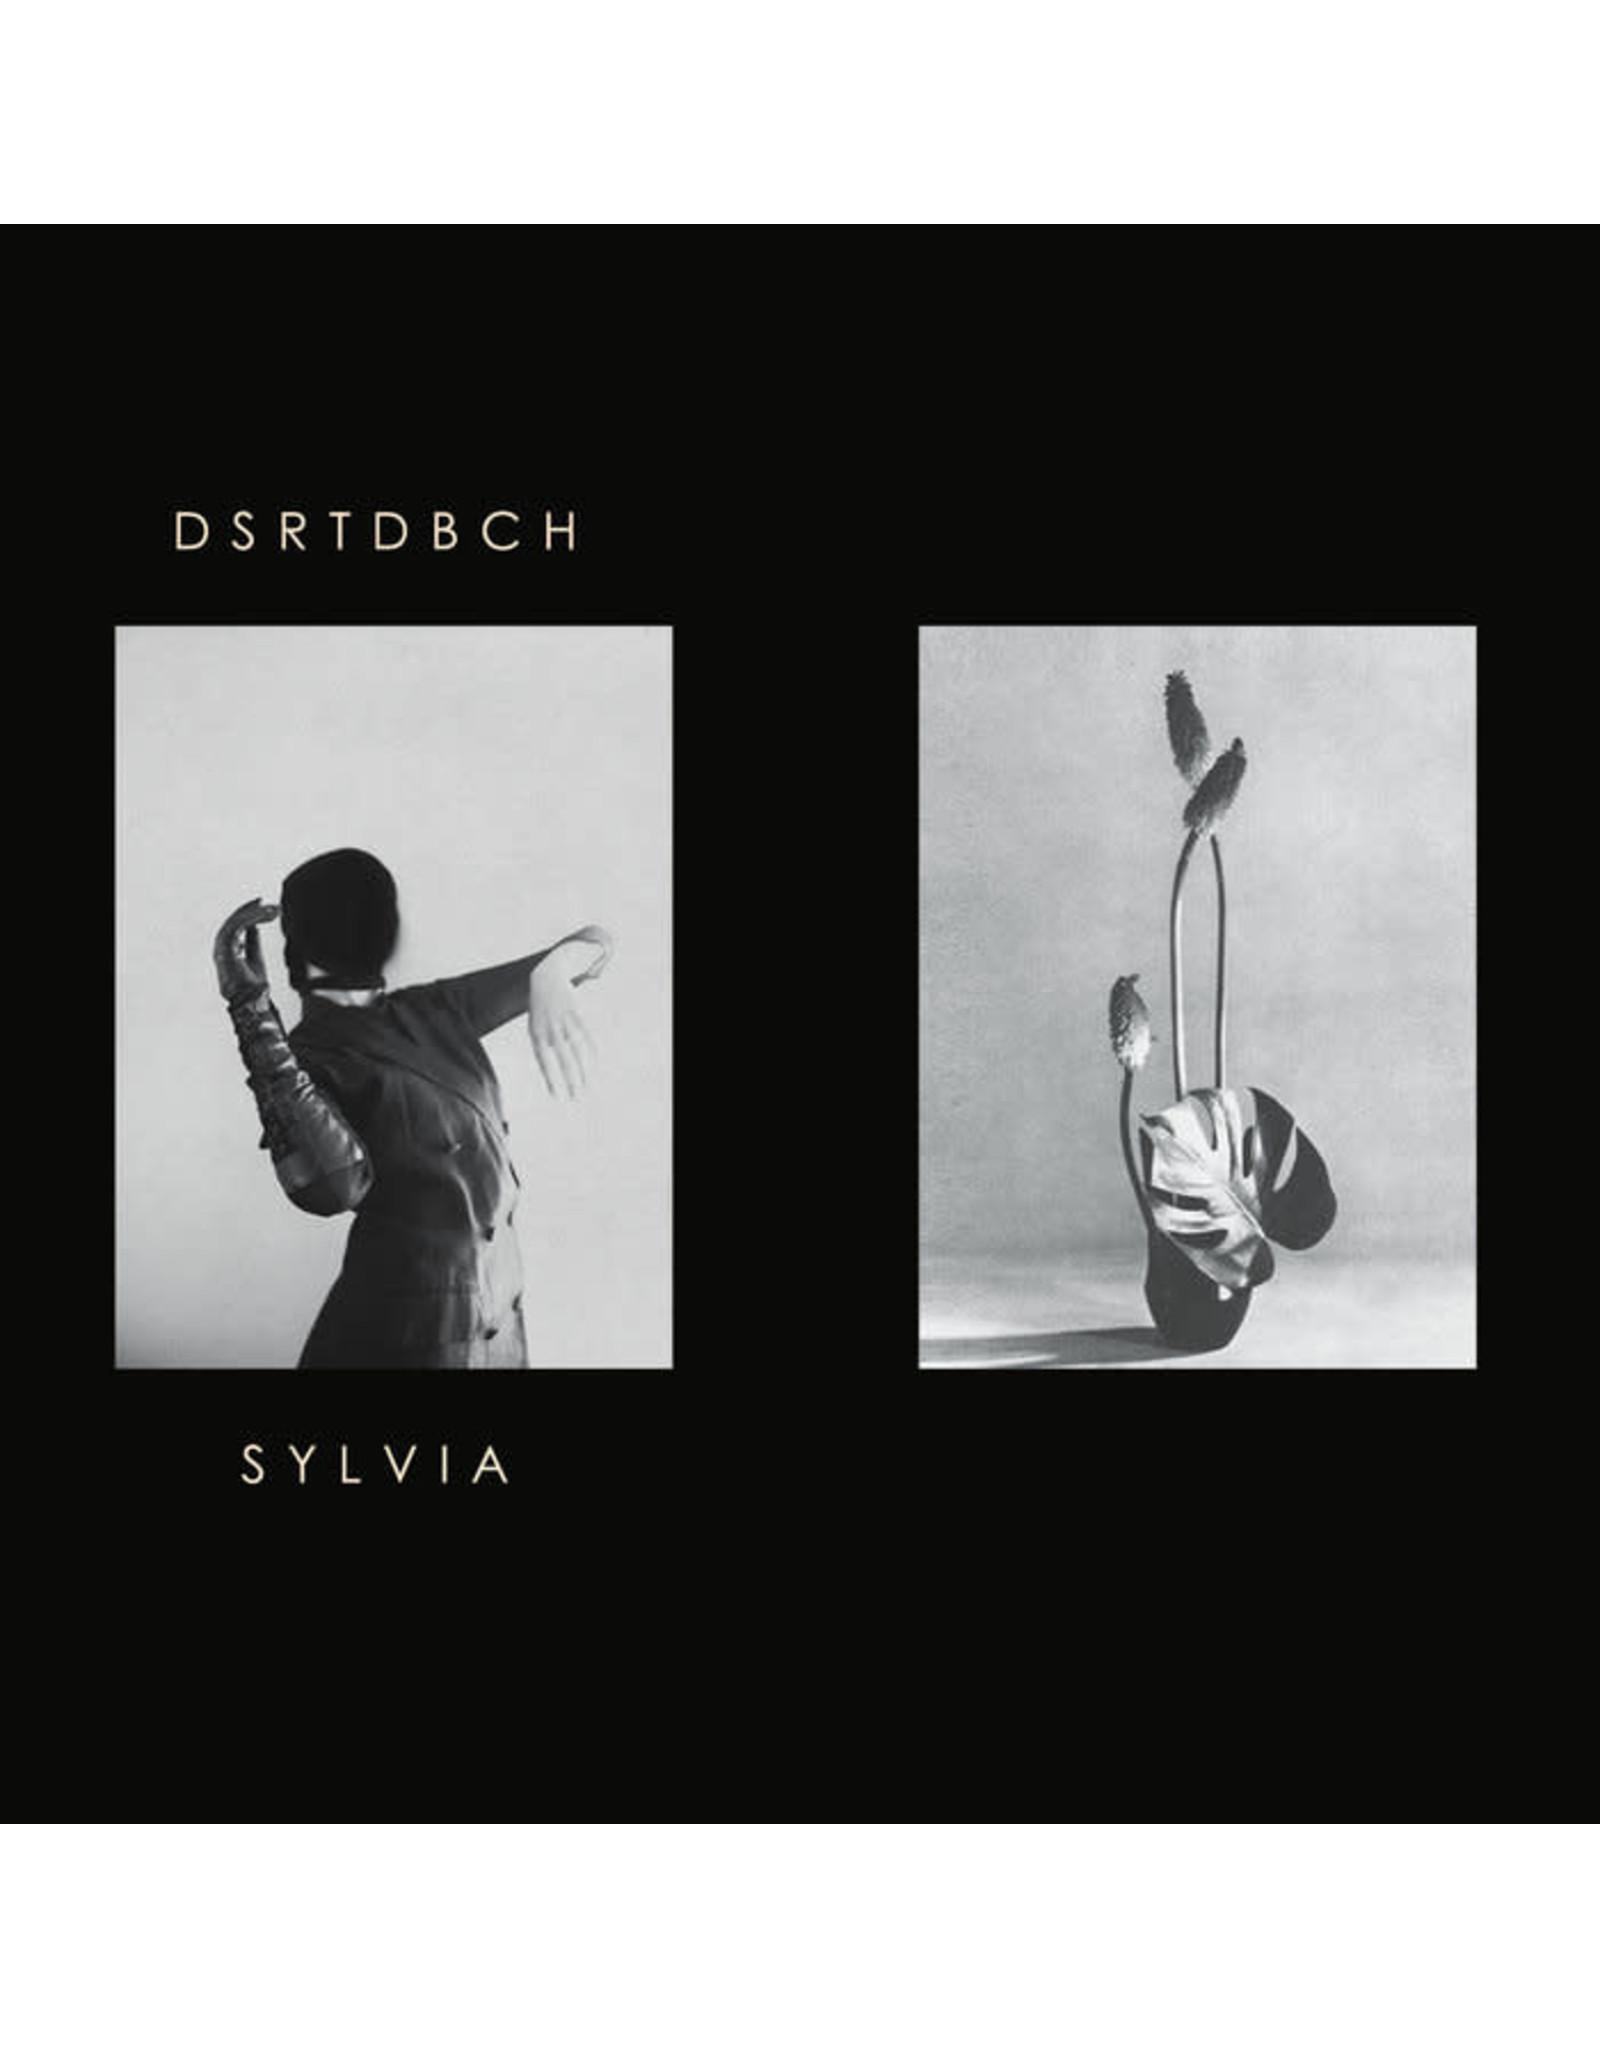 New Cassette dsrtdbch - Sylvia CS